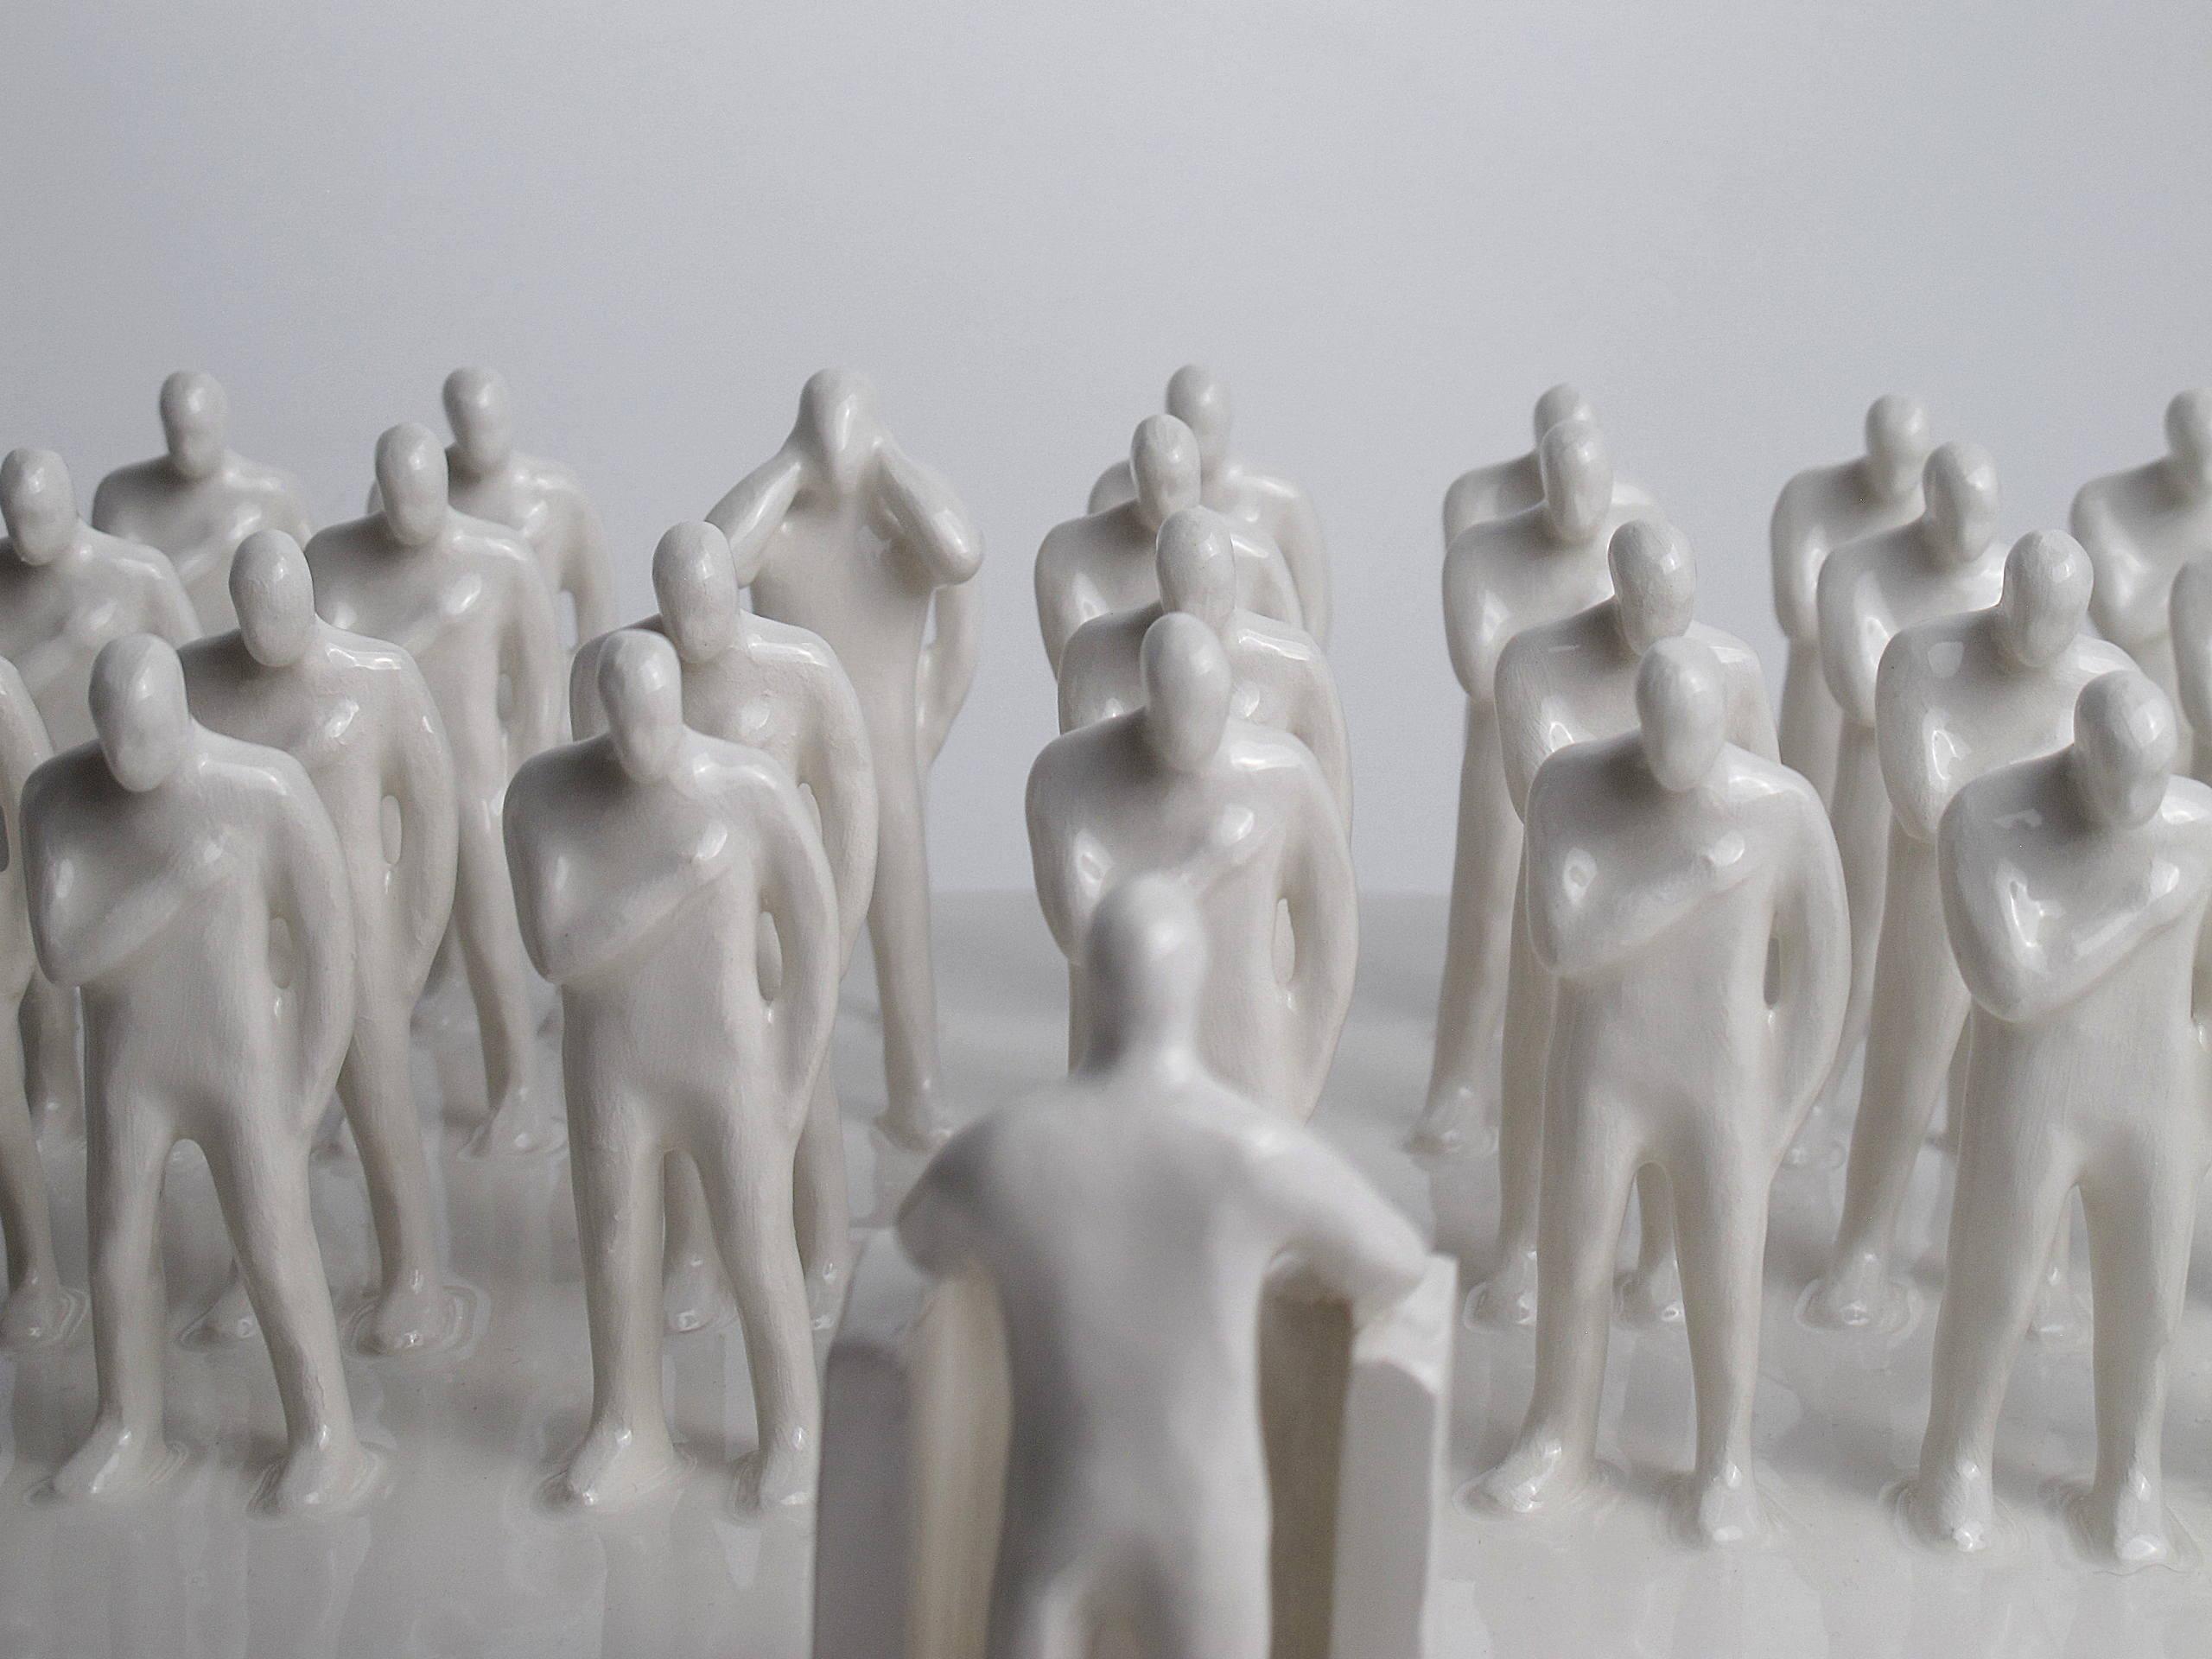 Gabriele Mallegni, No listen box, particolare, 2020